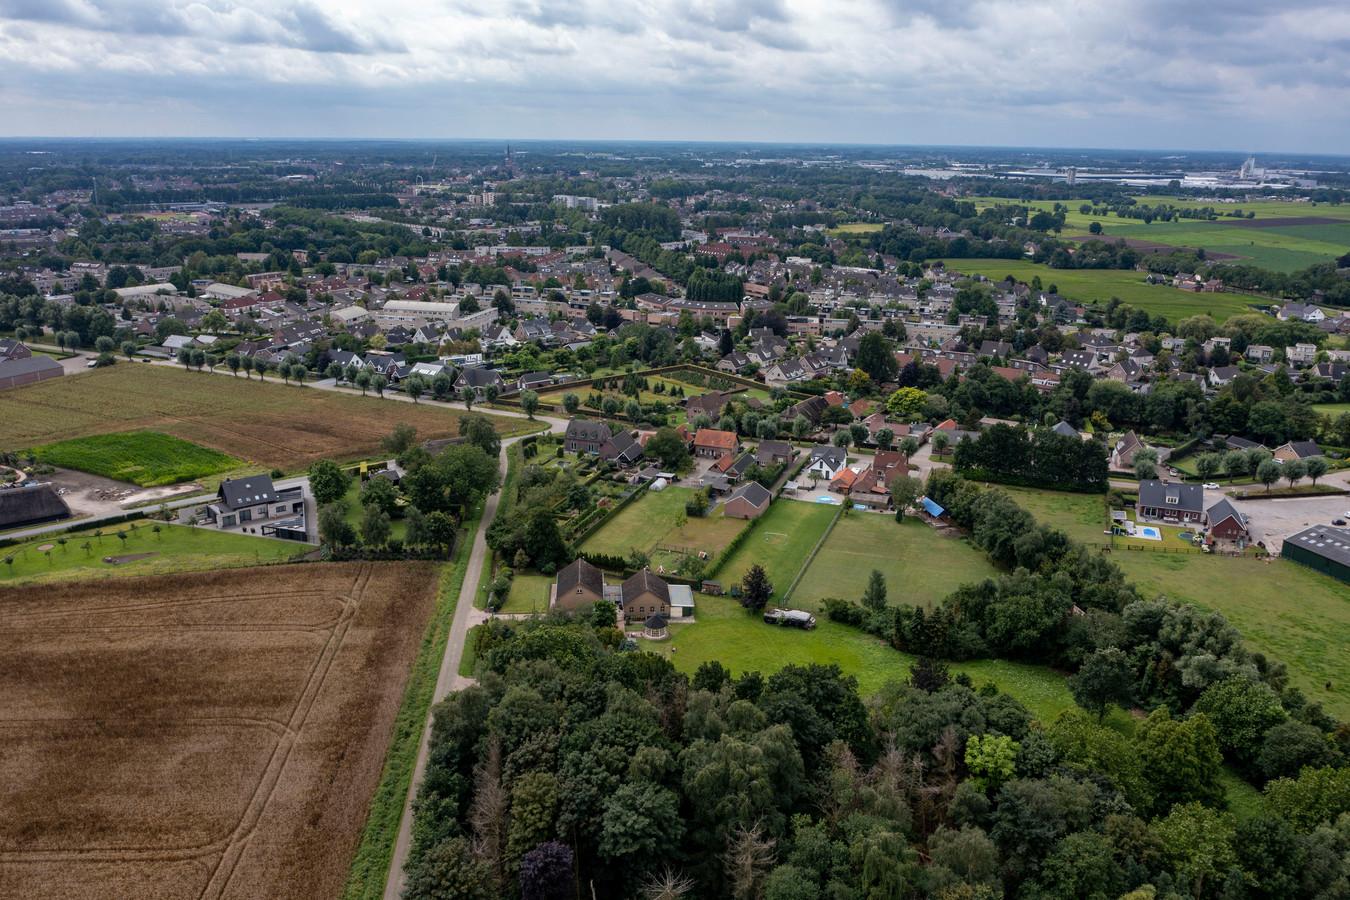 Selecteer foto Etten Leur - Pix4Profs - Joris Buijs Drone foto vanaf de Meeuwisdijk, met in het midden de Sander, links het Slagveld en rechts stal 't Sander.